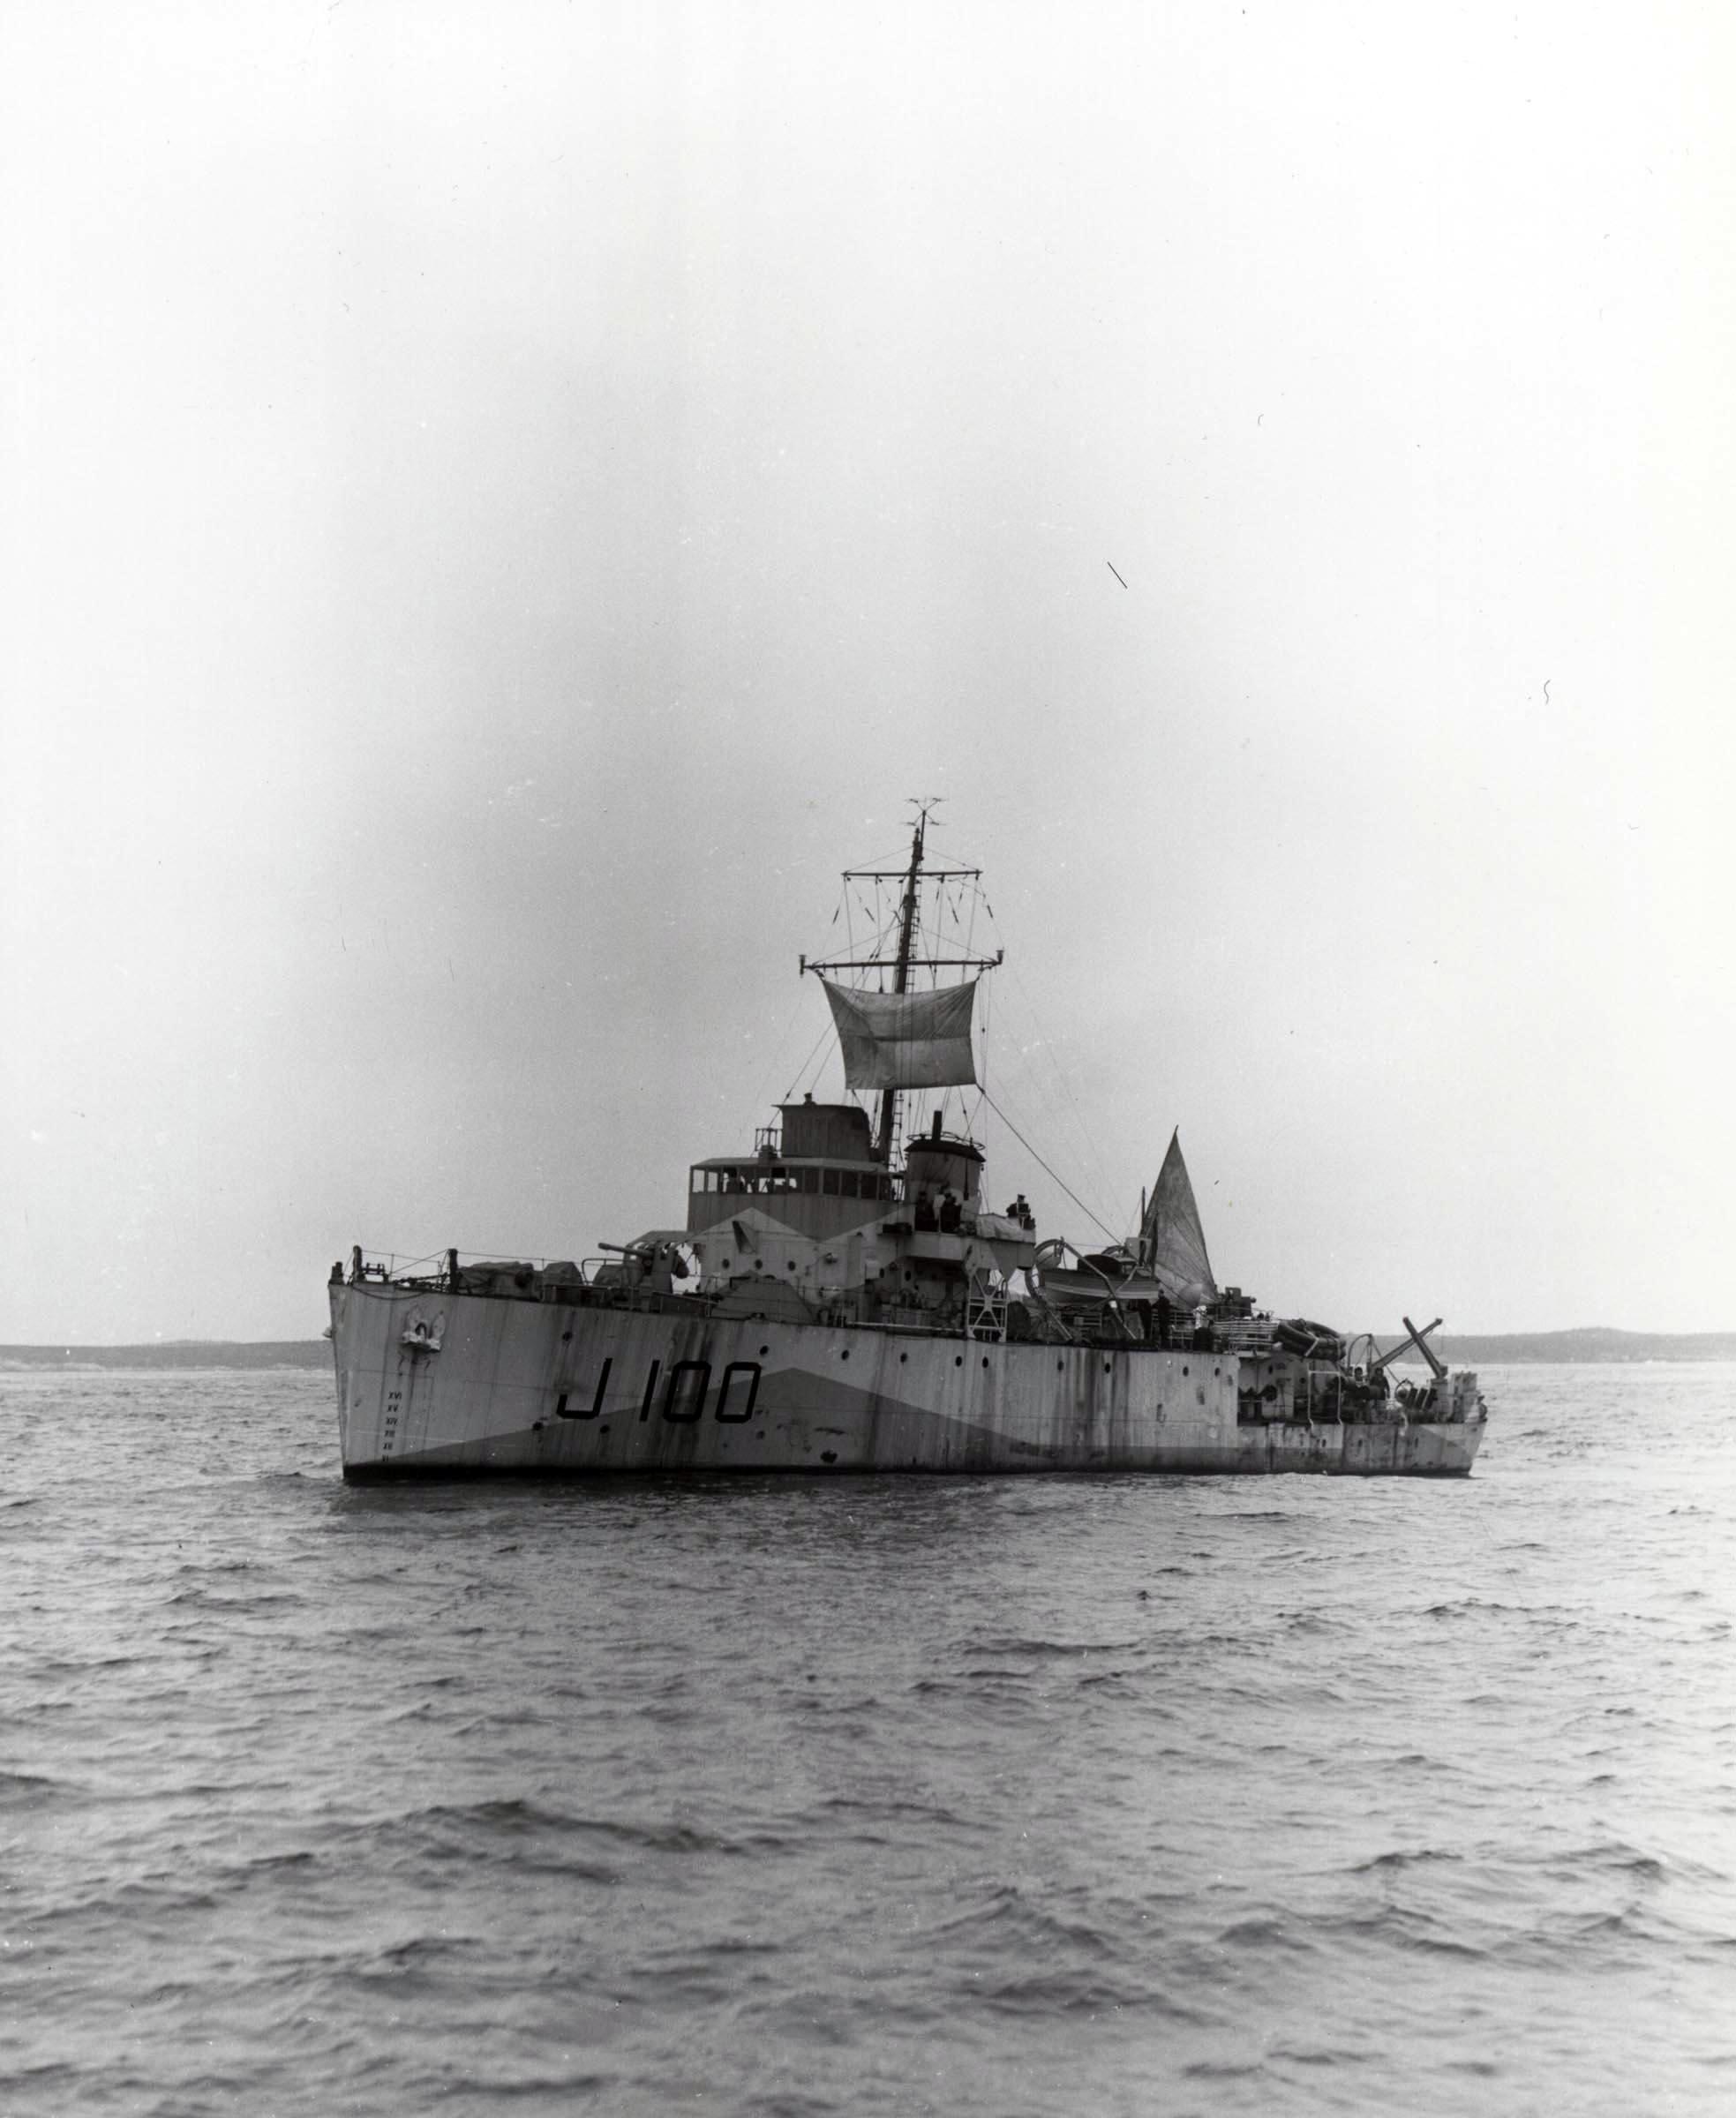 HMCS LOCKEPORT